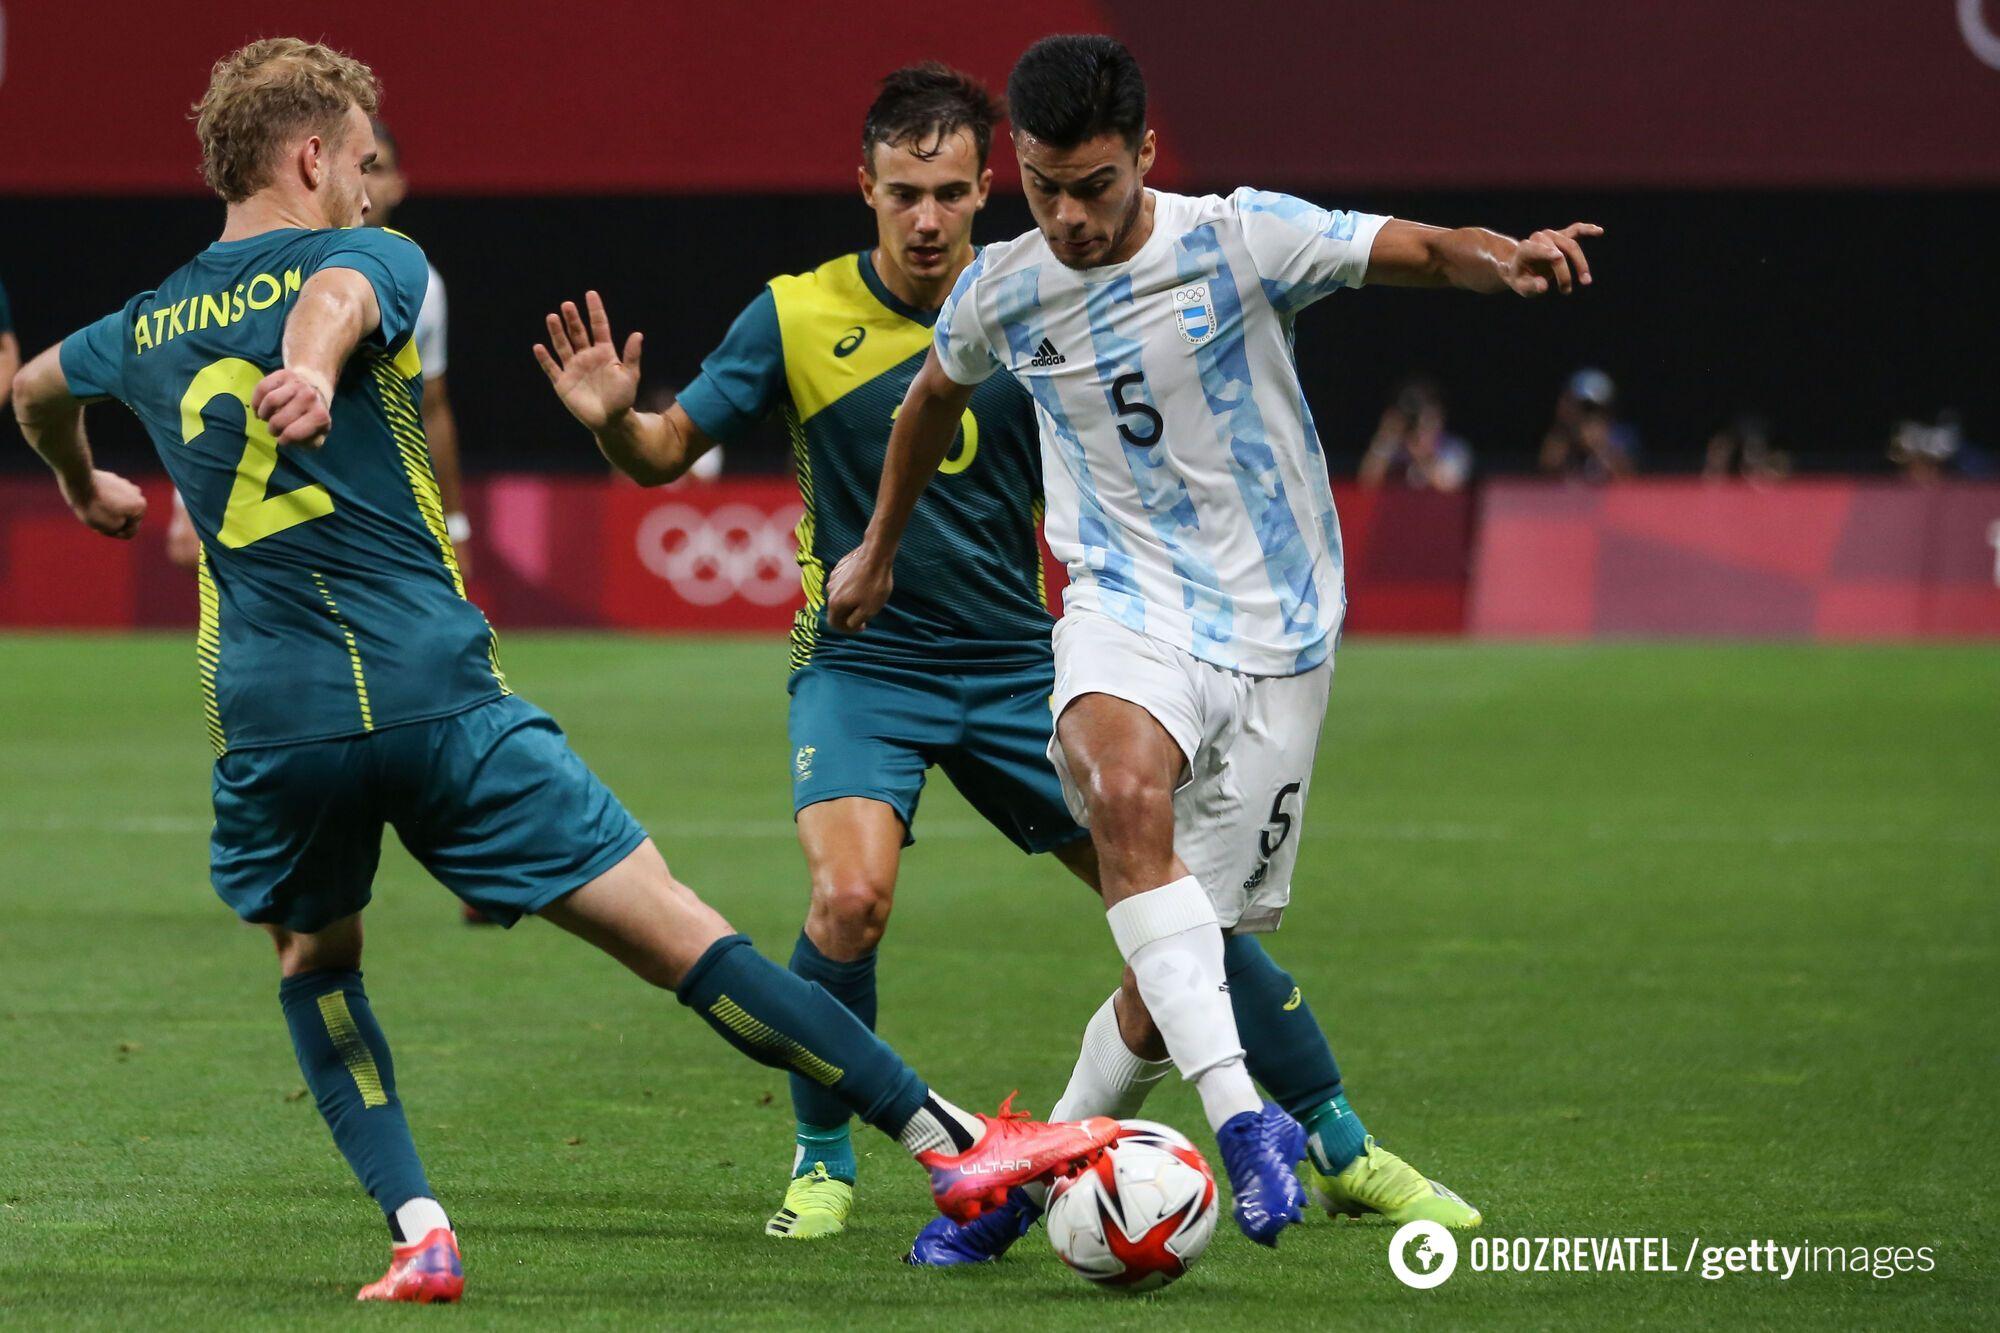 Австралія сенсаційно обіграла Аргентину на старті футбольного турніру